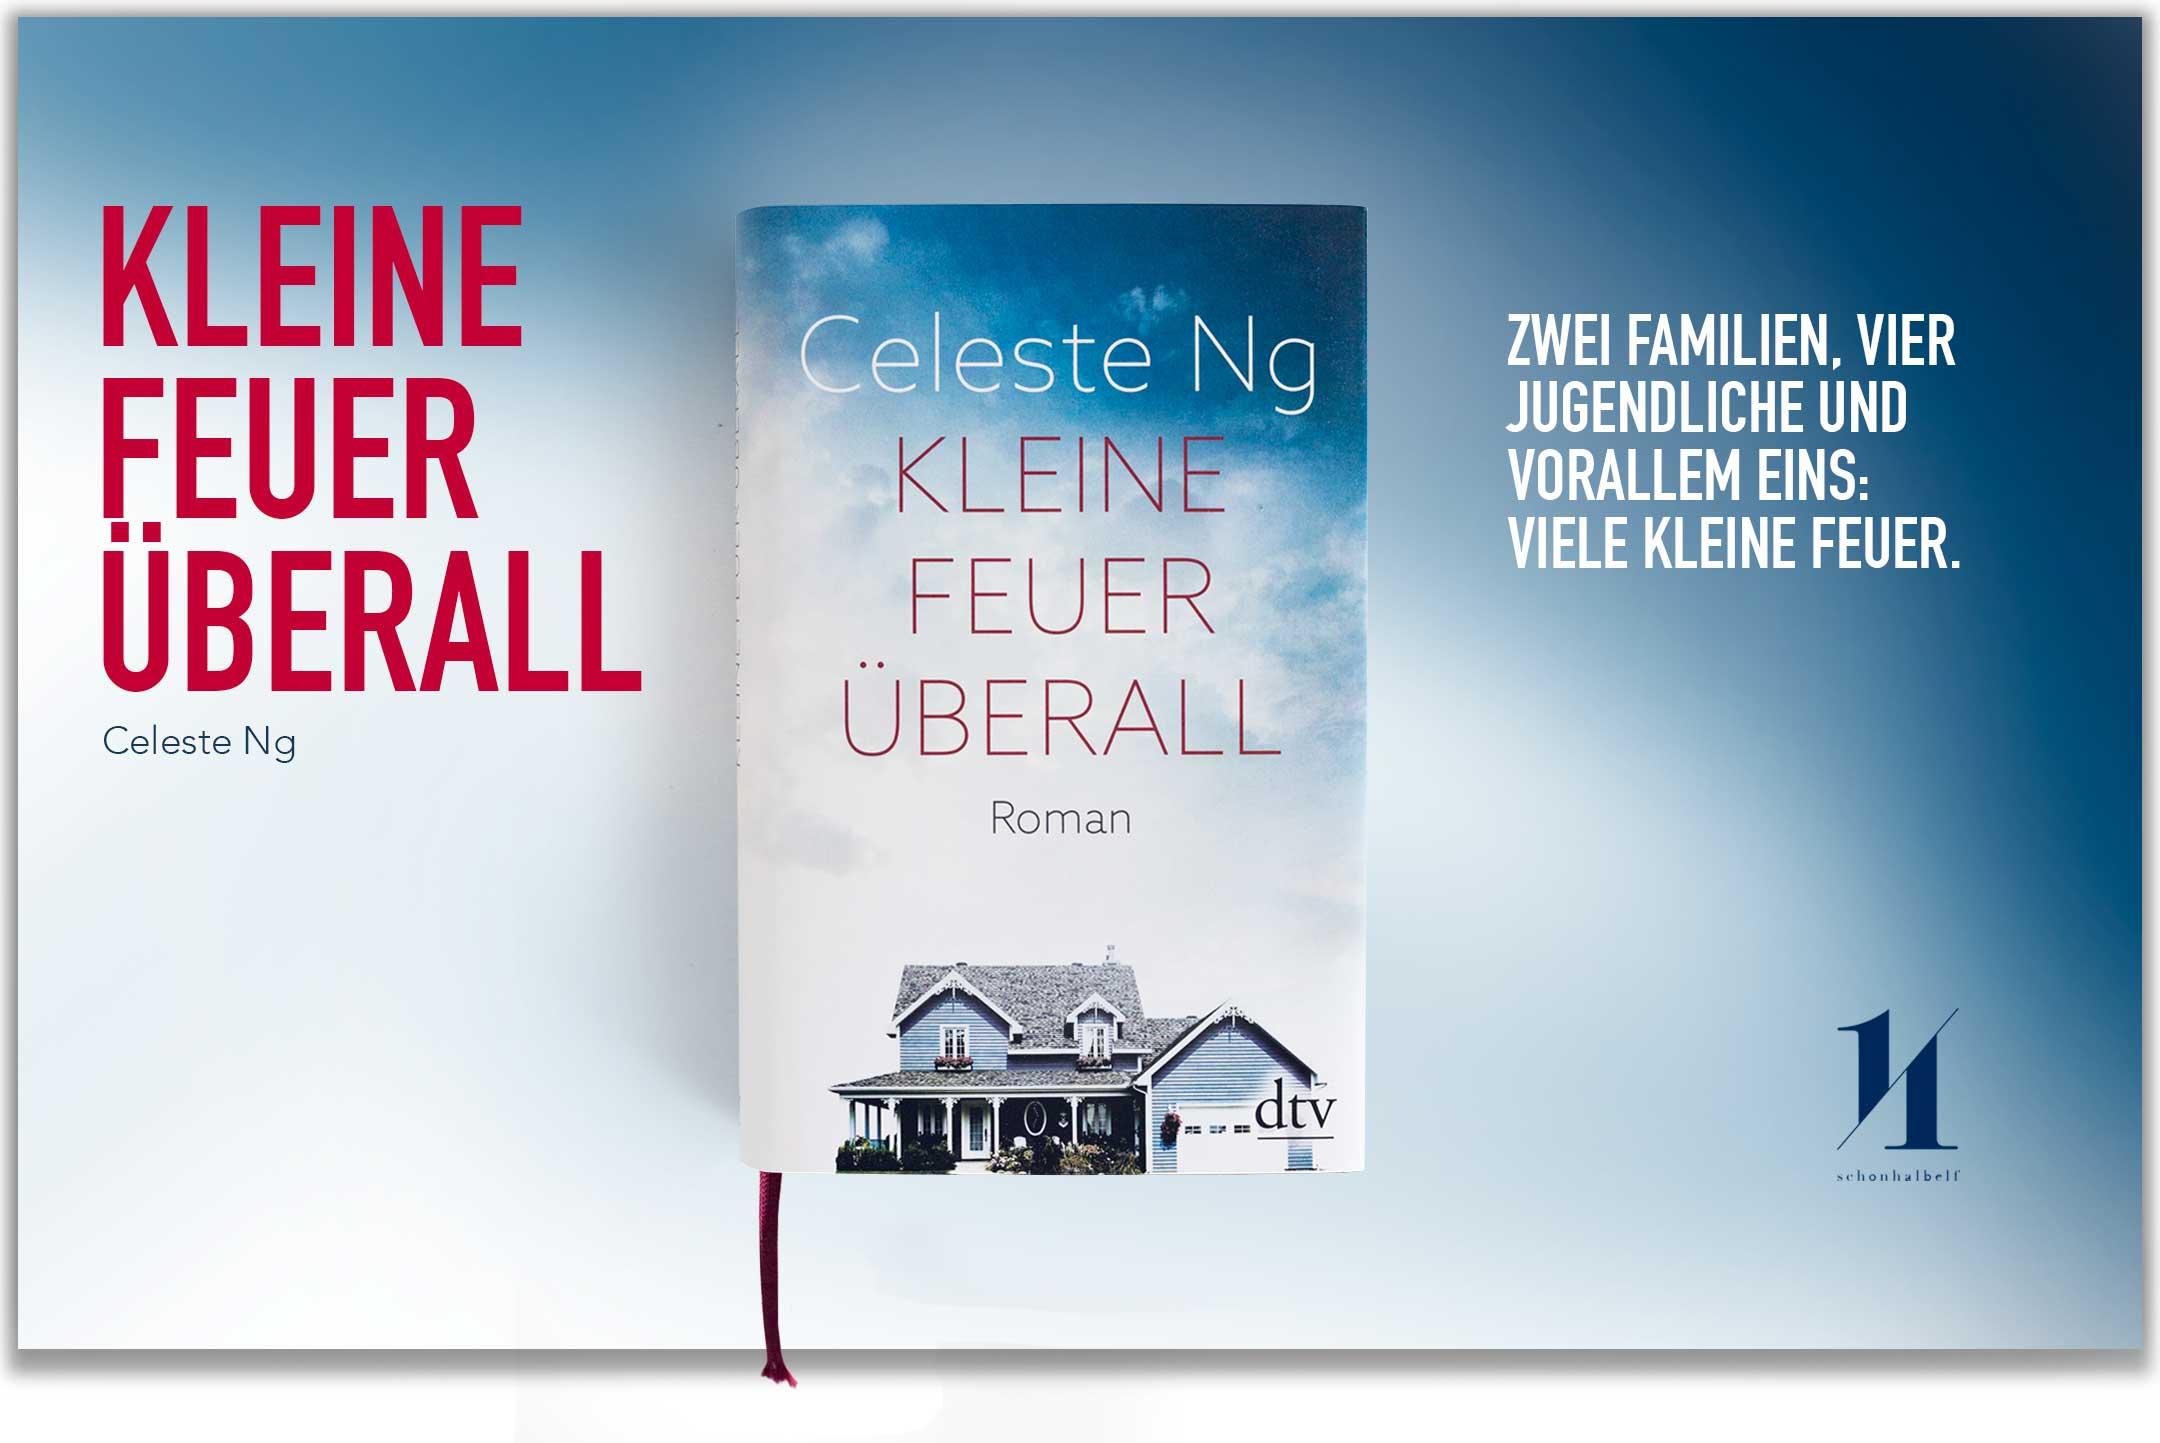 celeste-ng-kleine-feuer-ueberall-schonhalbelf-dtv-zitat